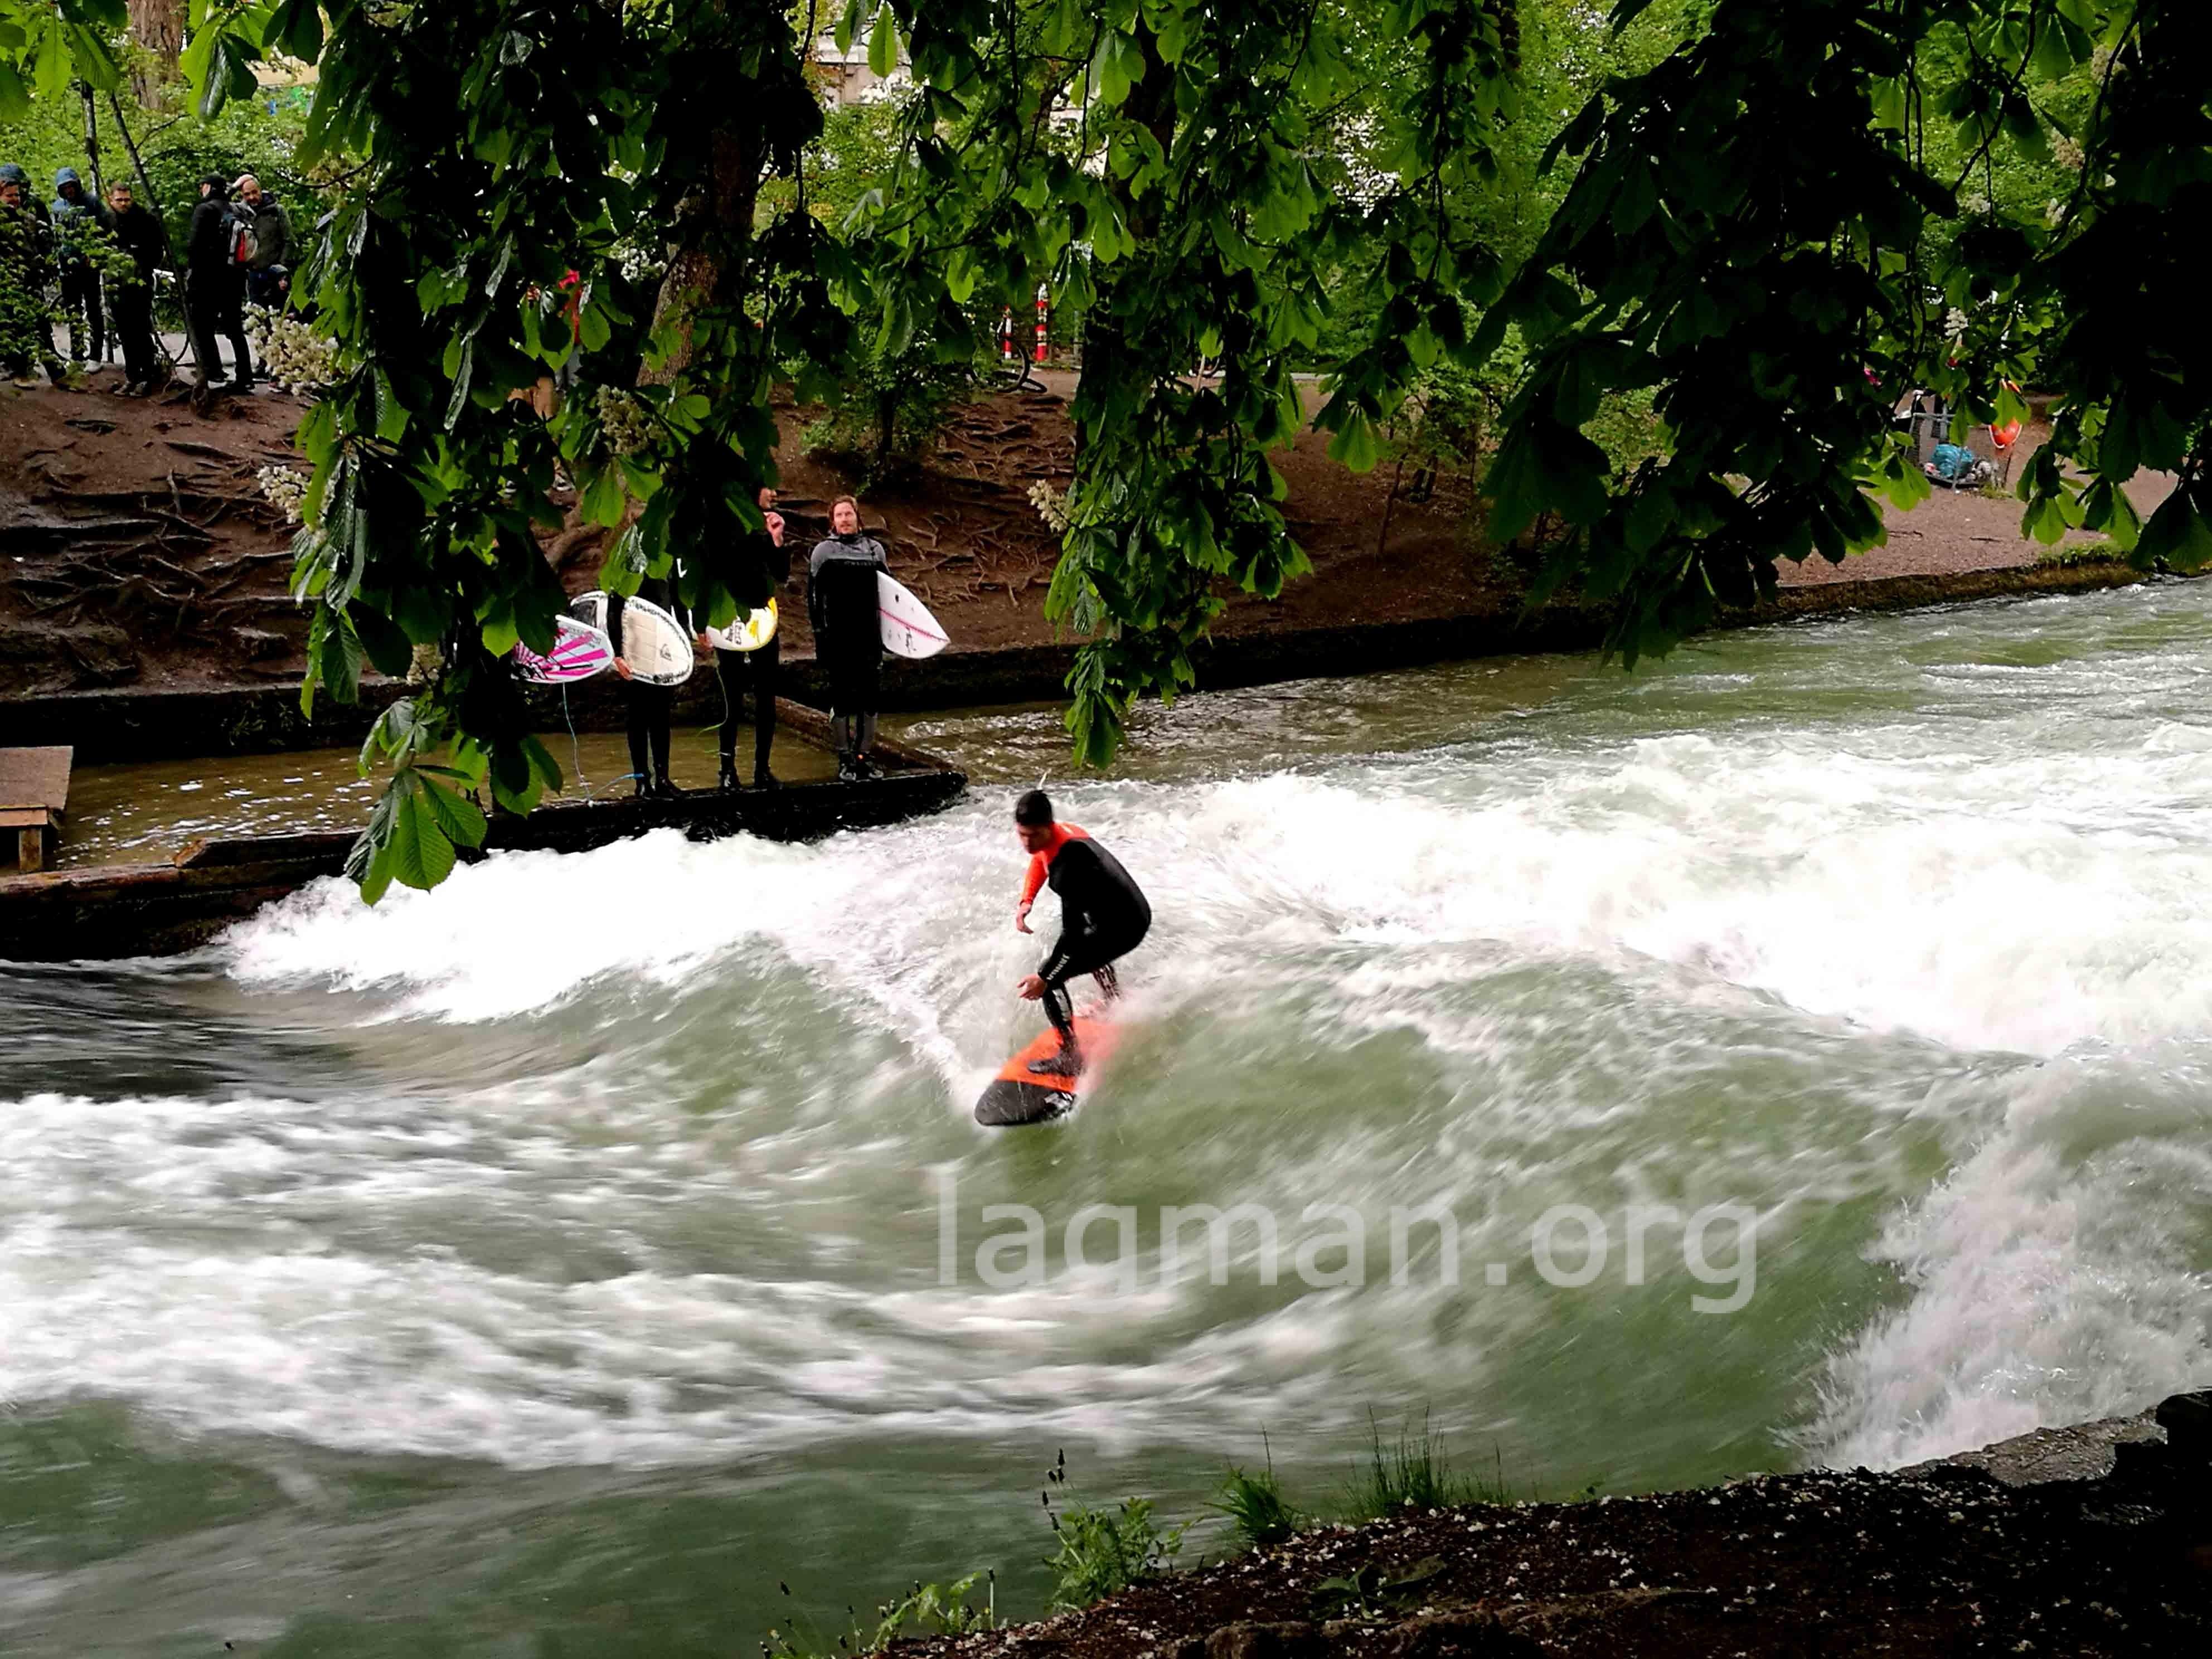 ミュンヘンのサーフィンの写真